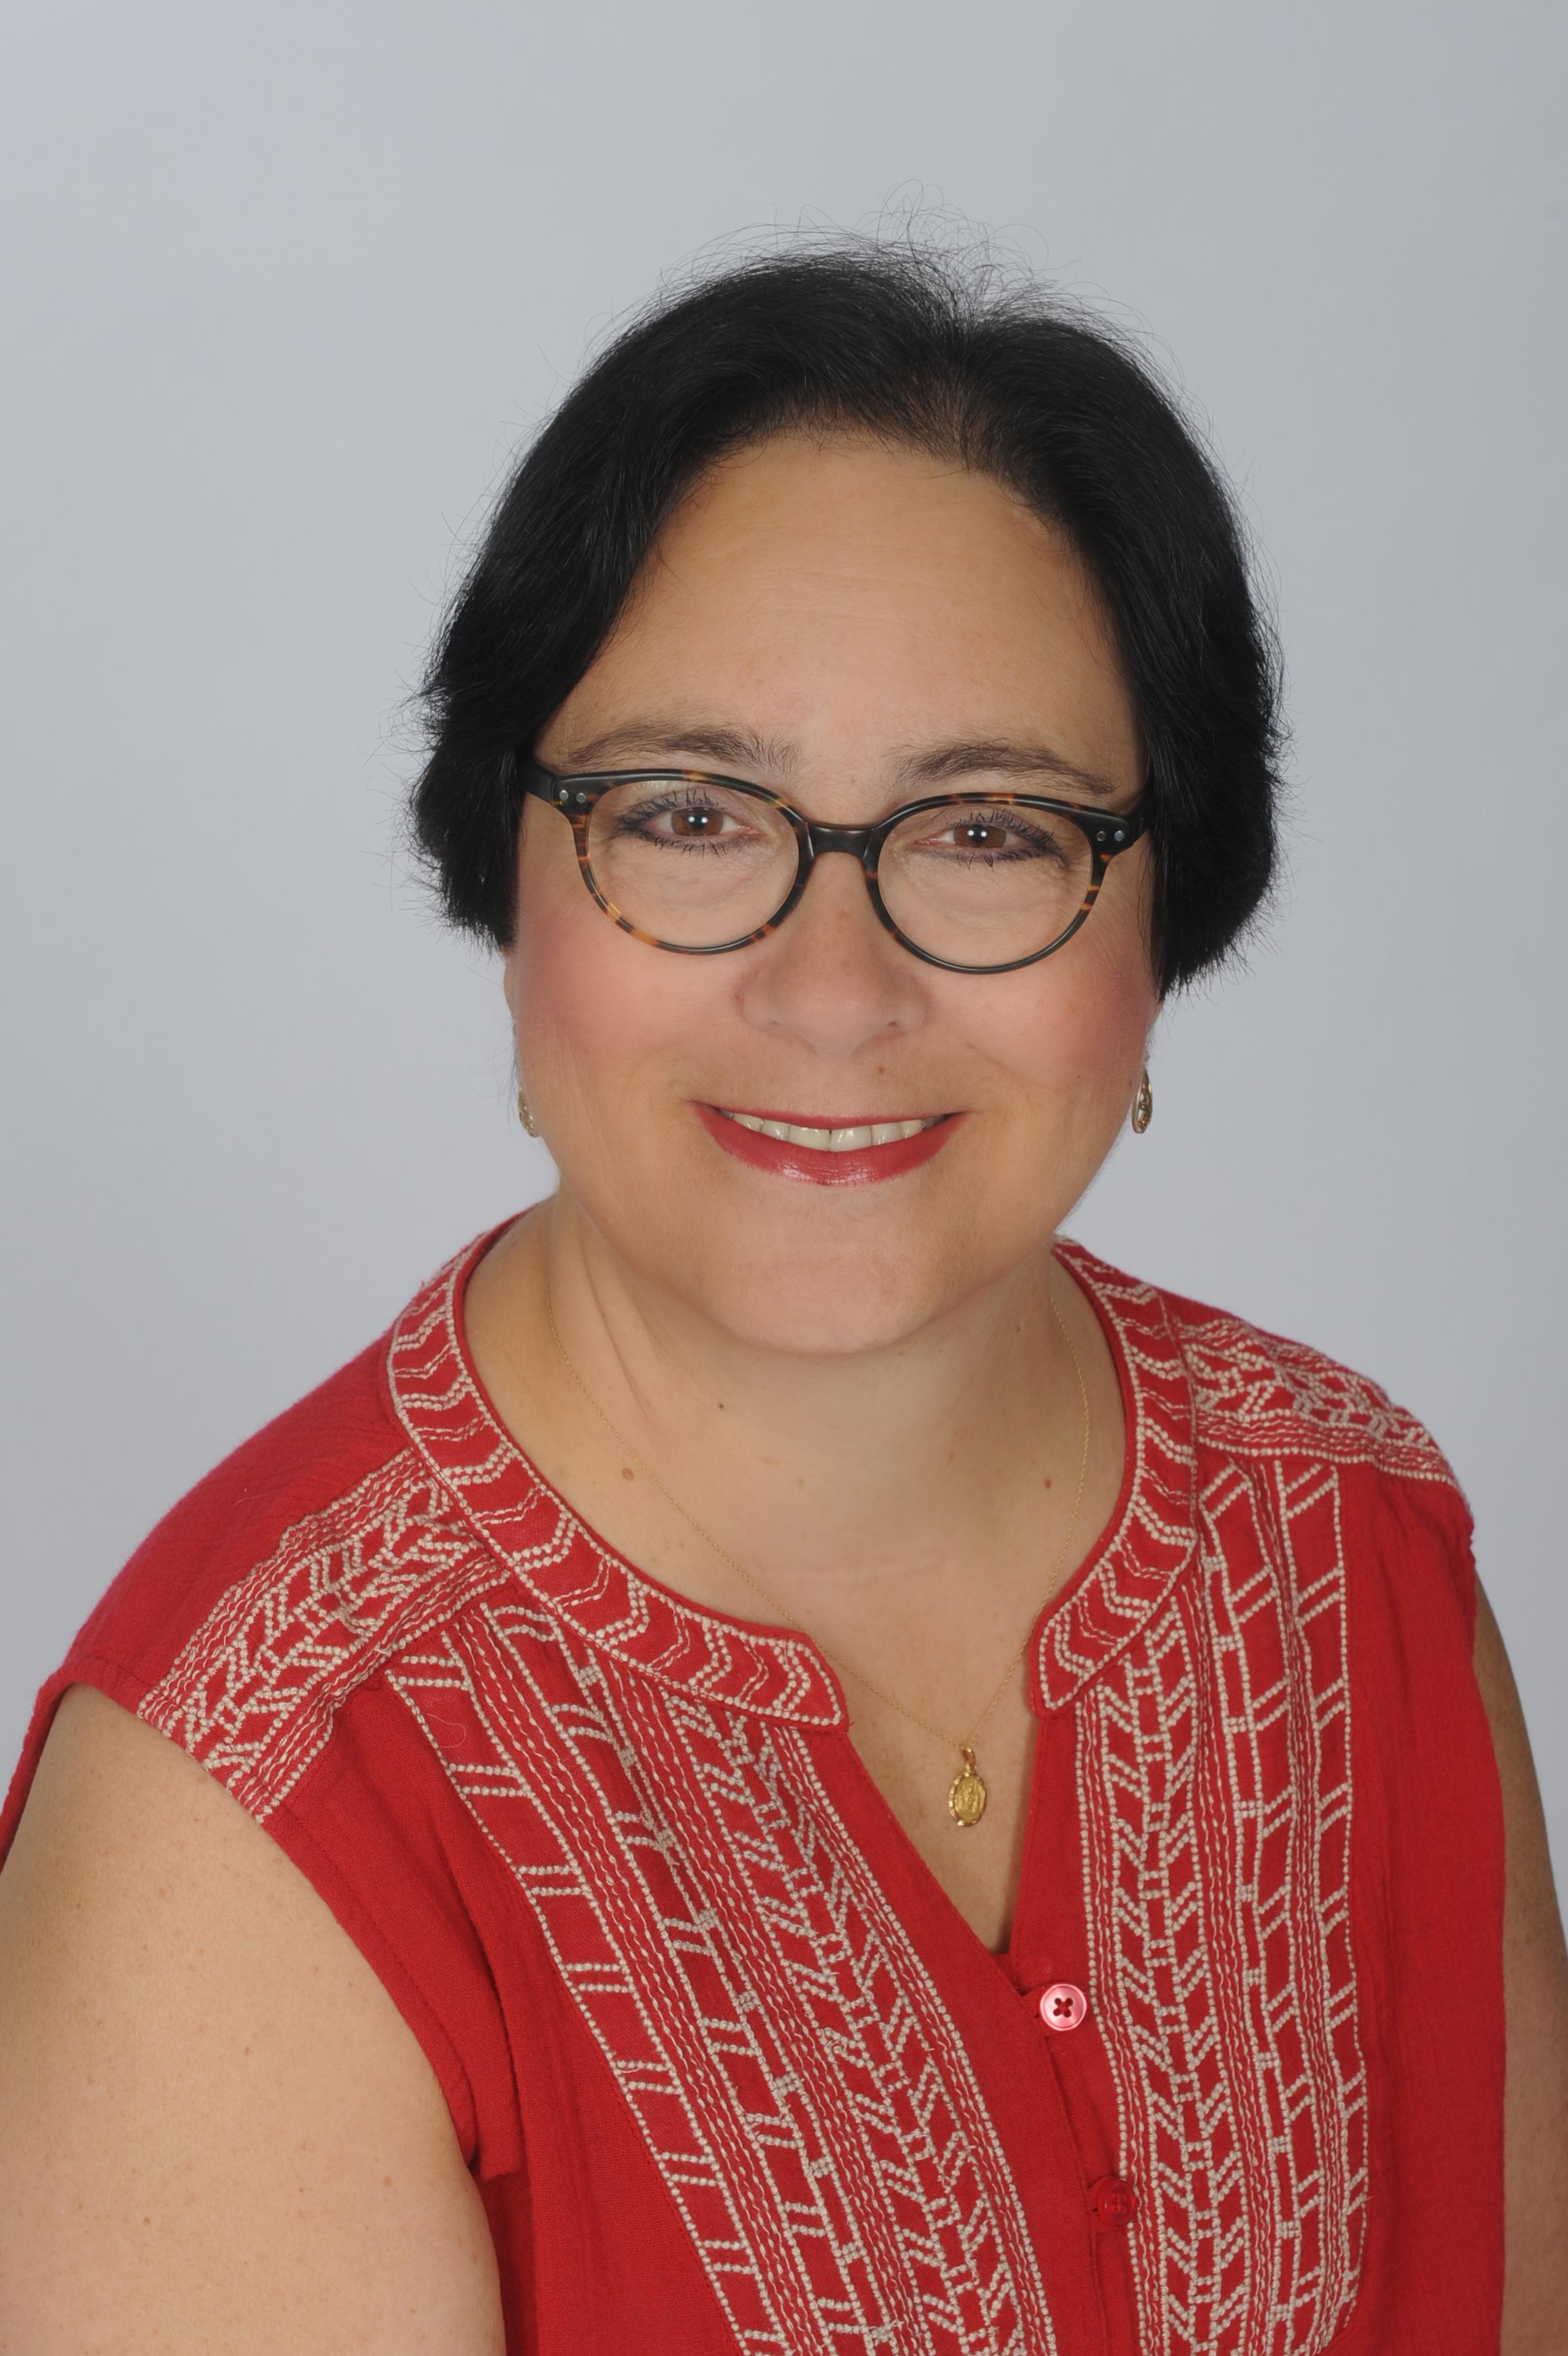 Cheryl Sedota